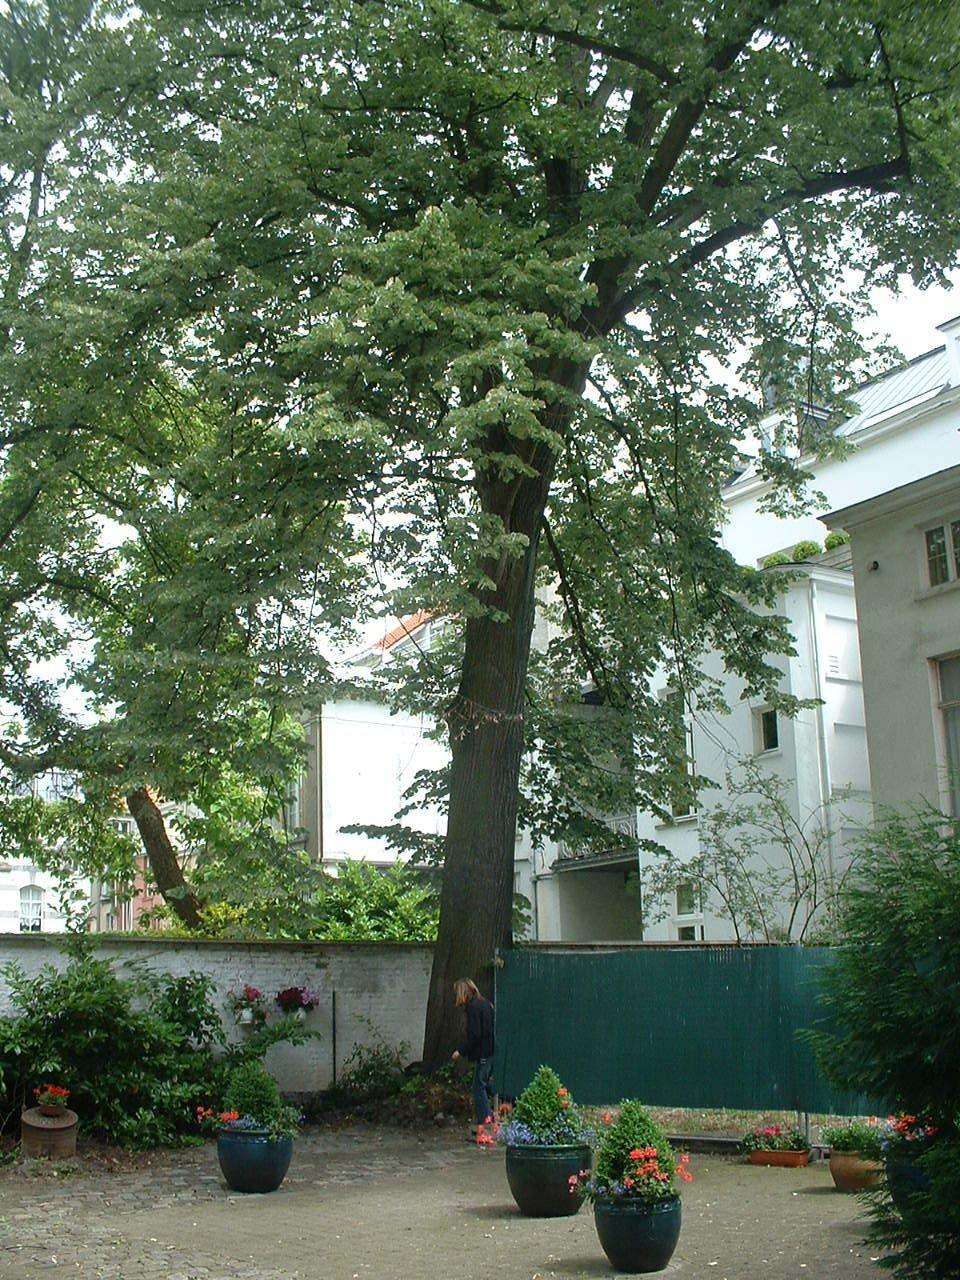 Tilleul argenté – Ixelles, Rue de Florence, 39 –  22 Juin 2006